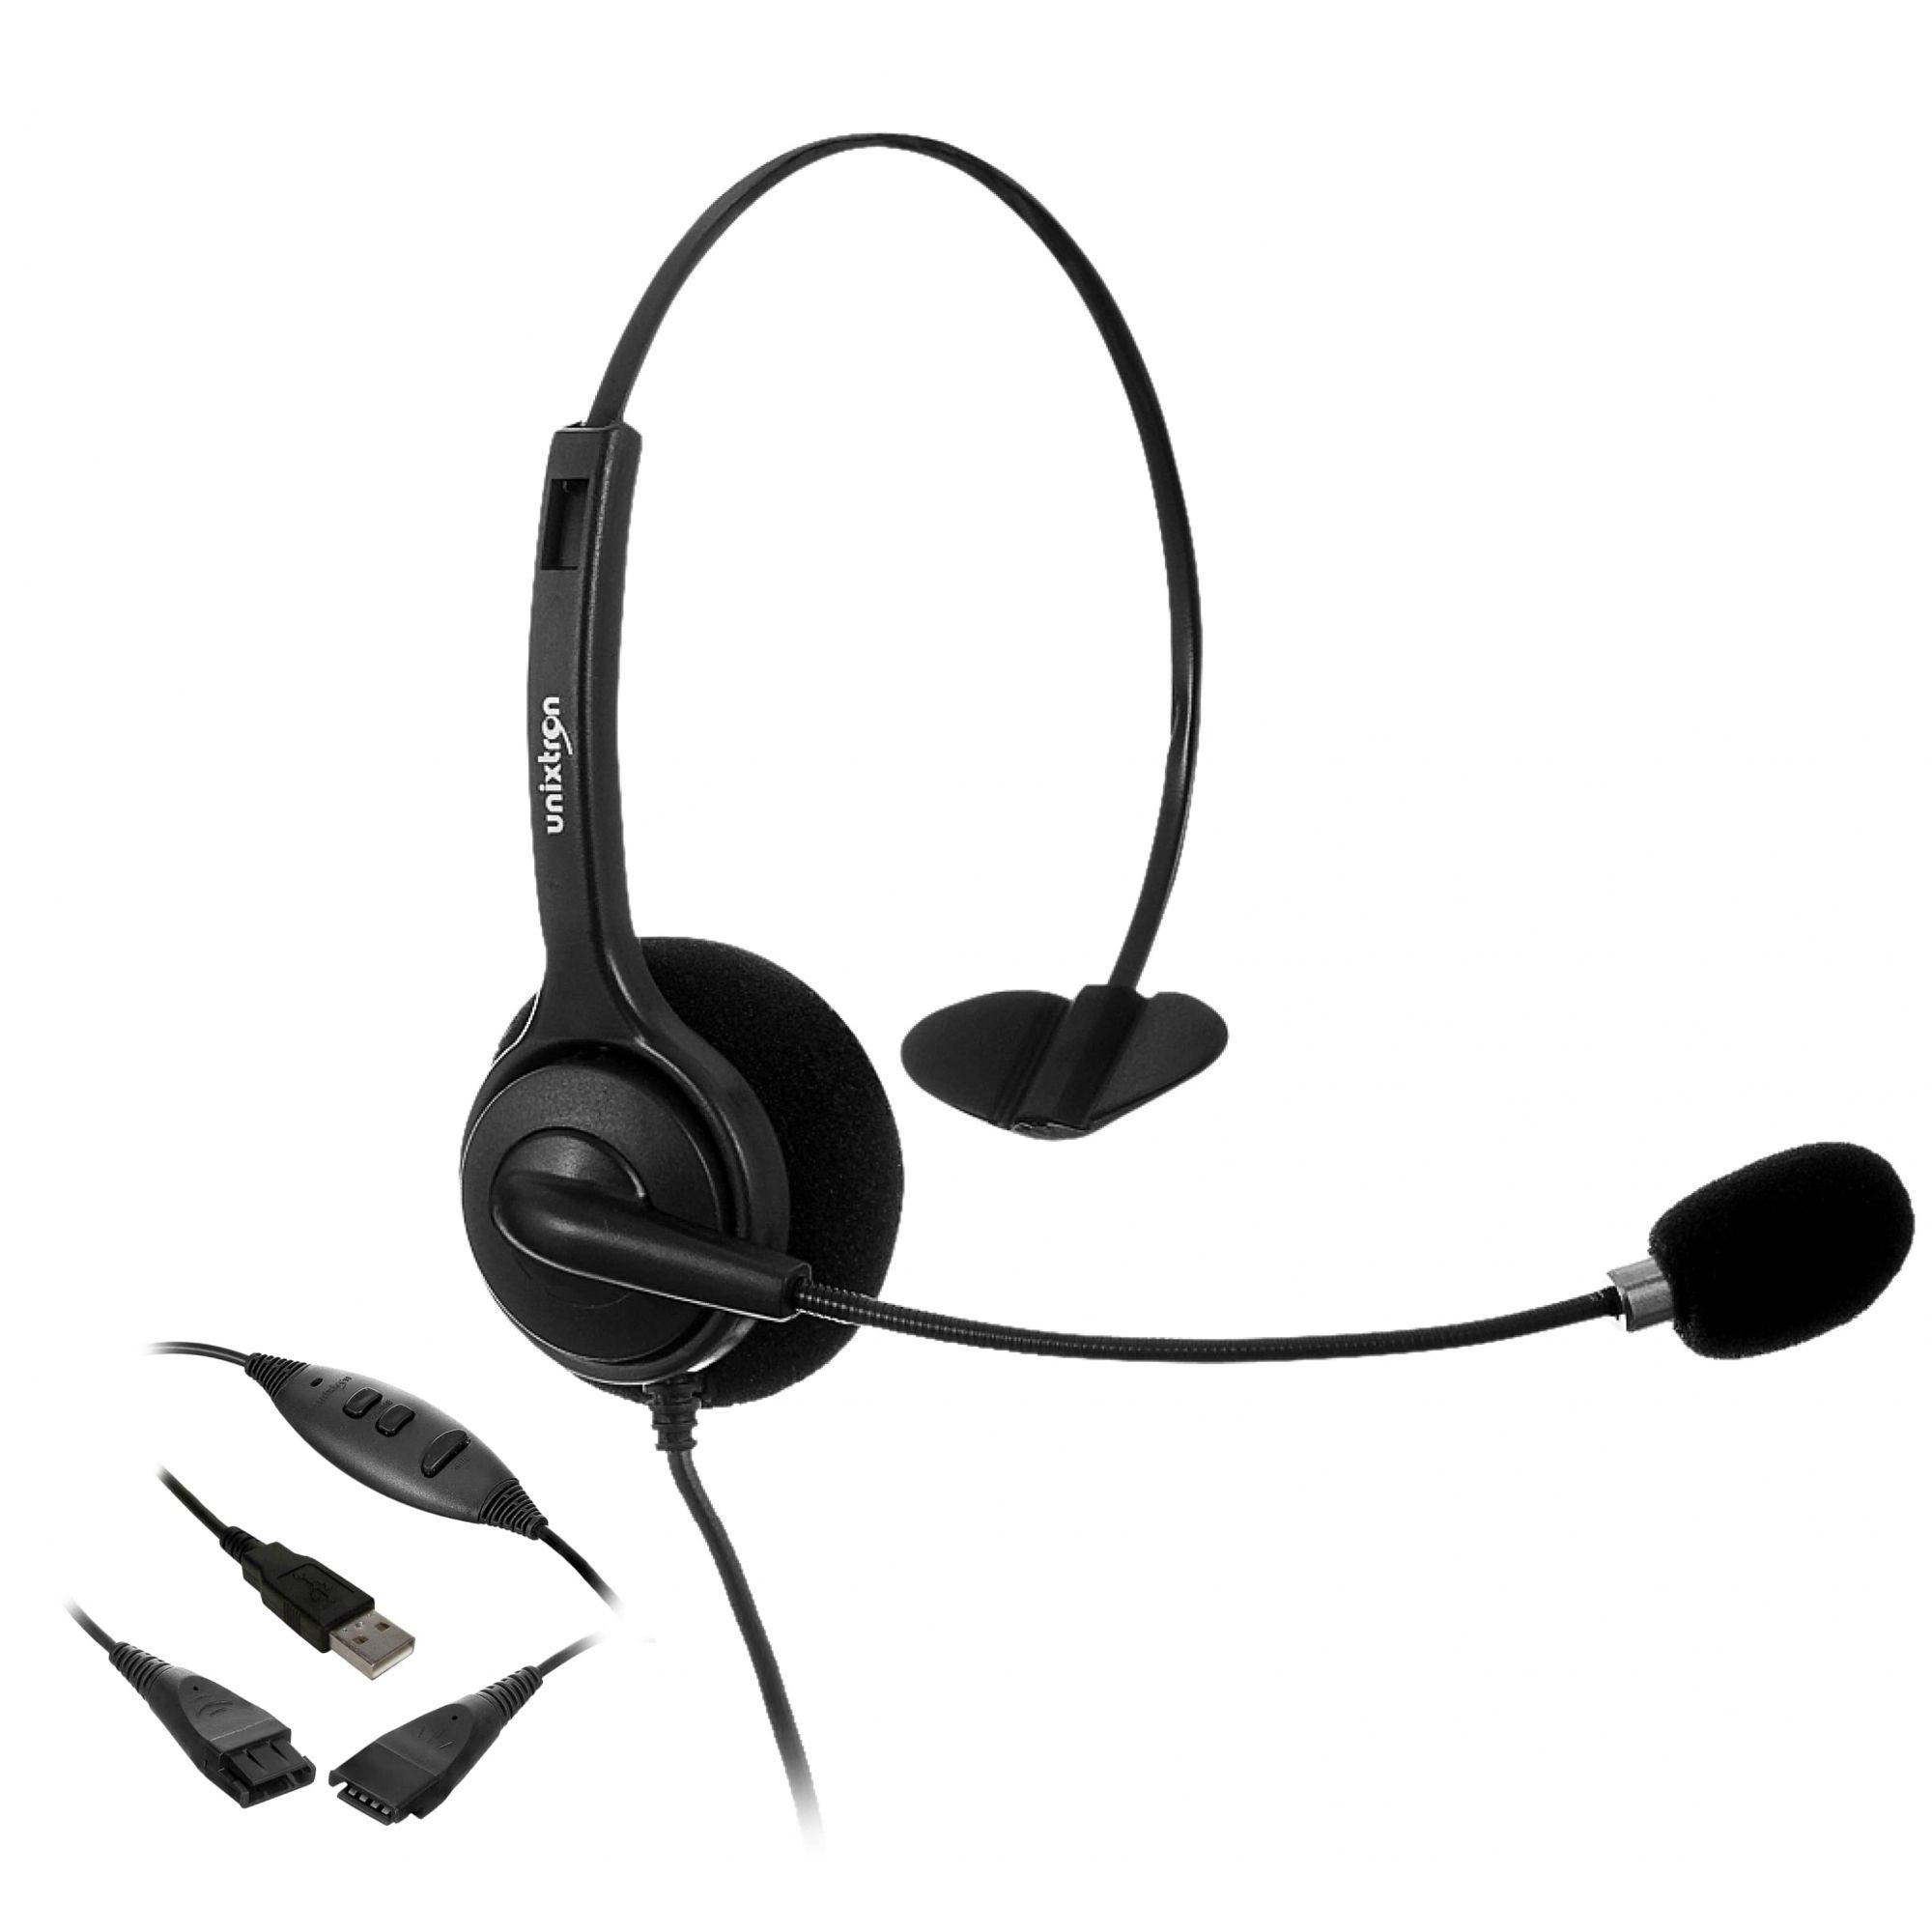 Headset Unixtron - HD800 Flex QD Usb para Desktop  - Northshop São Paulo